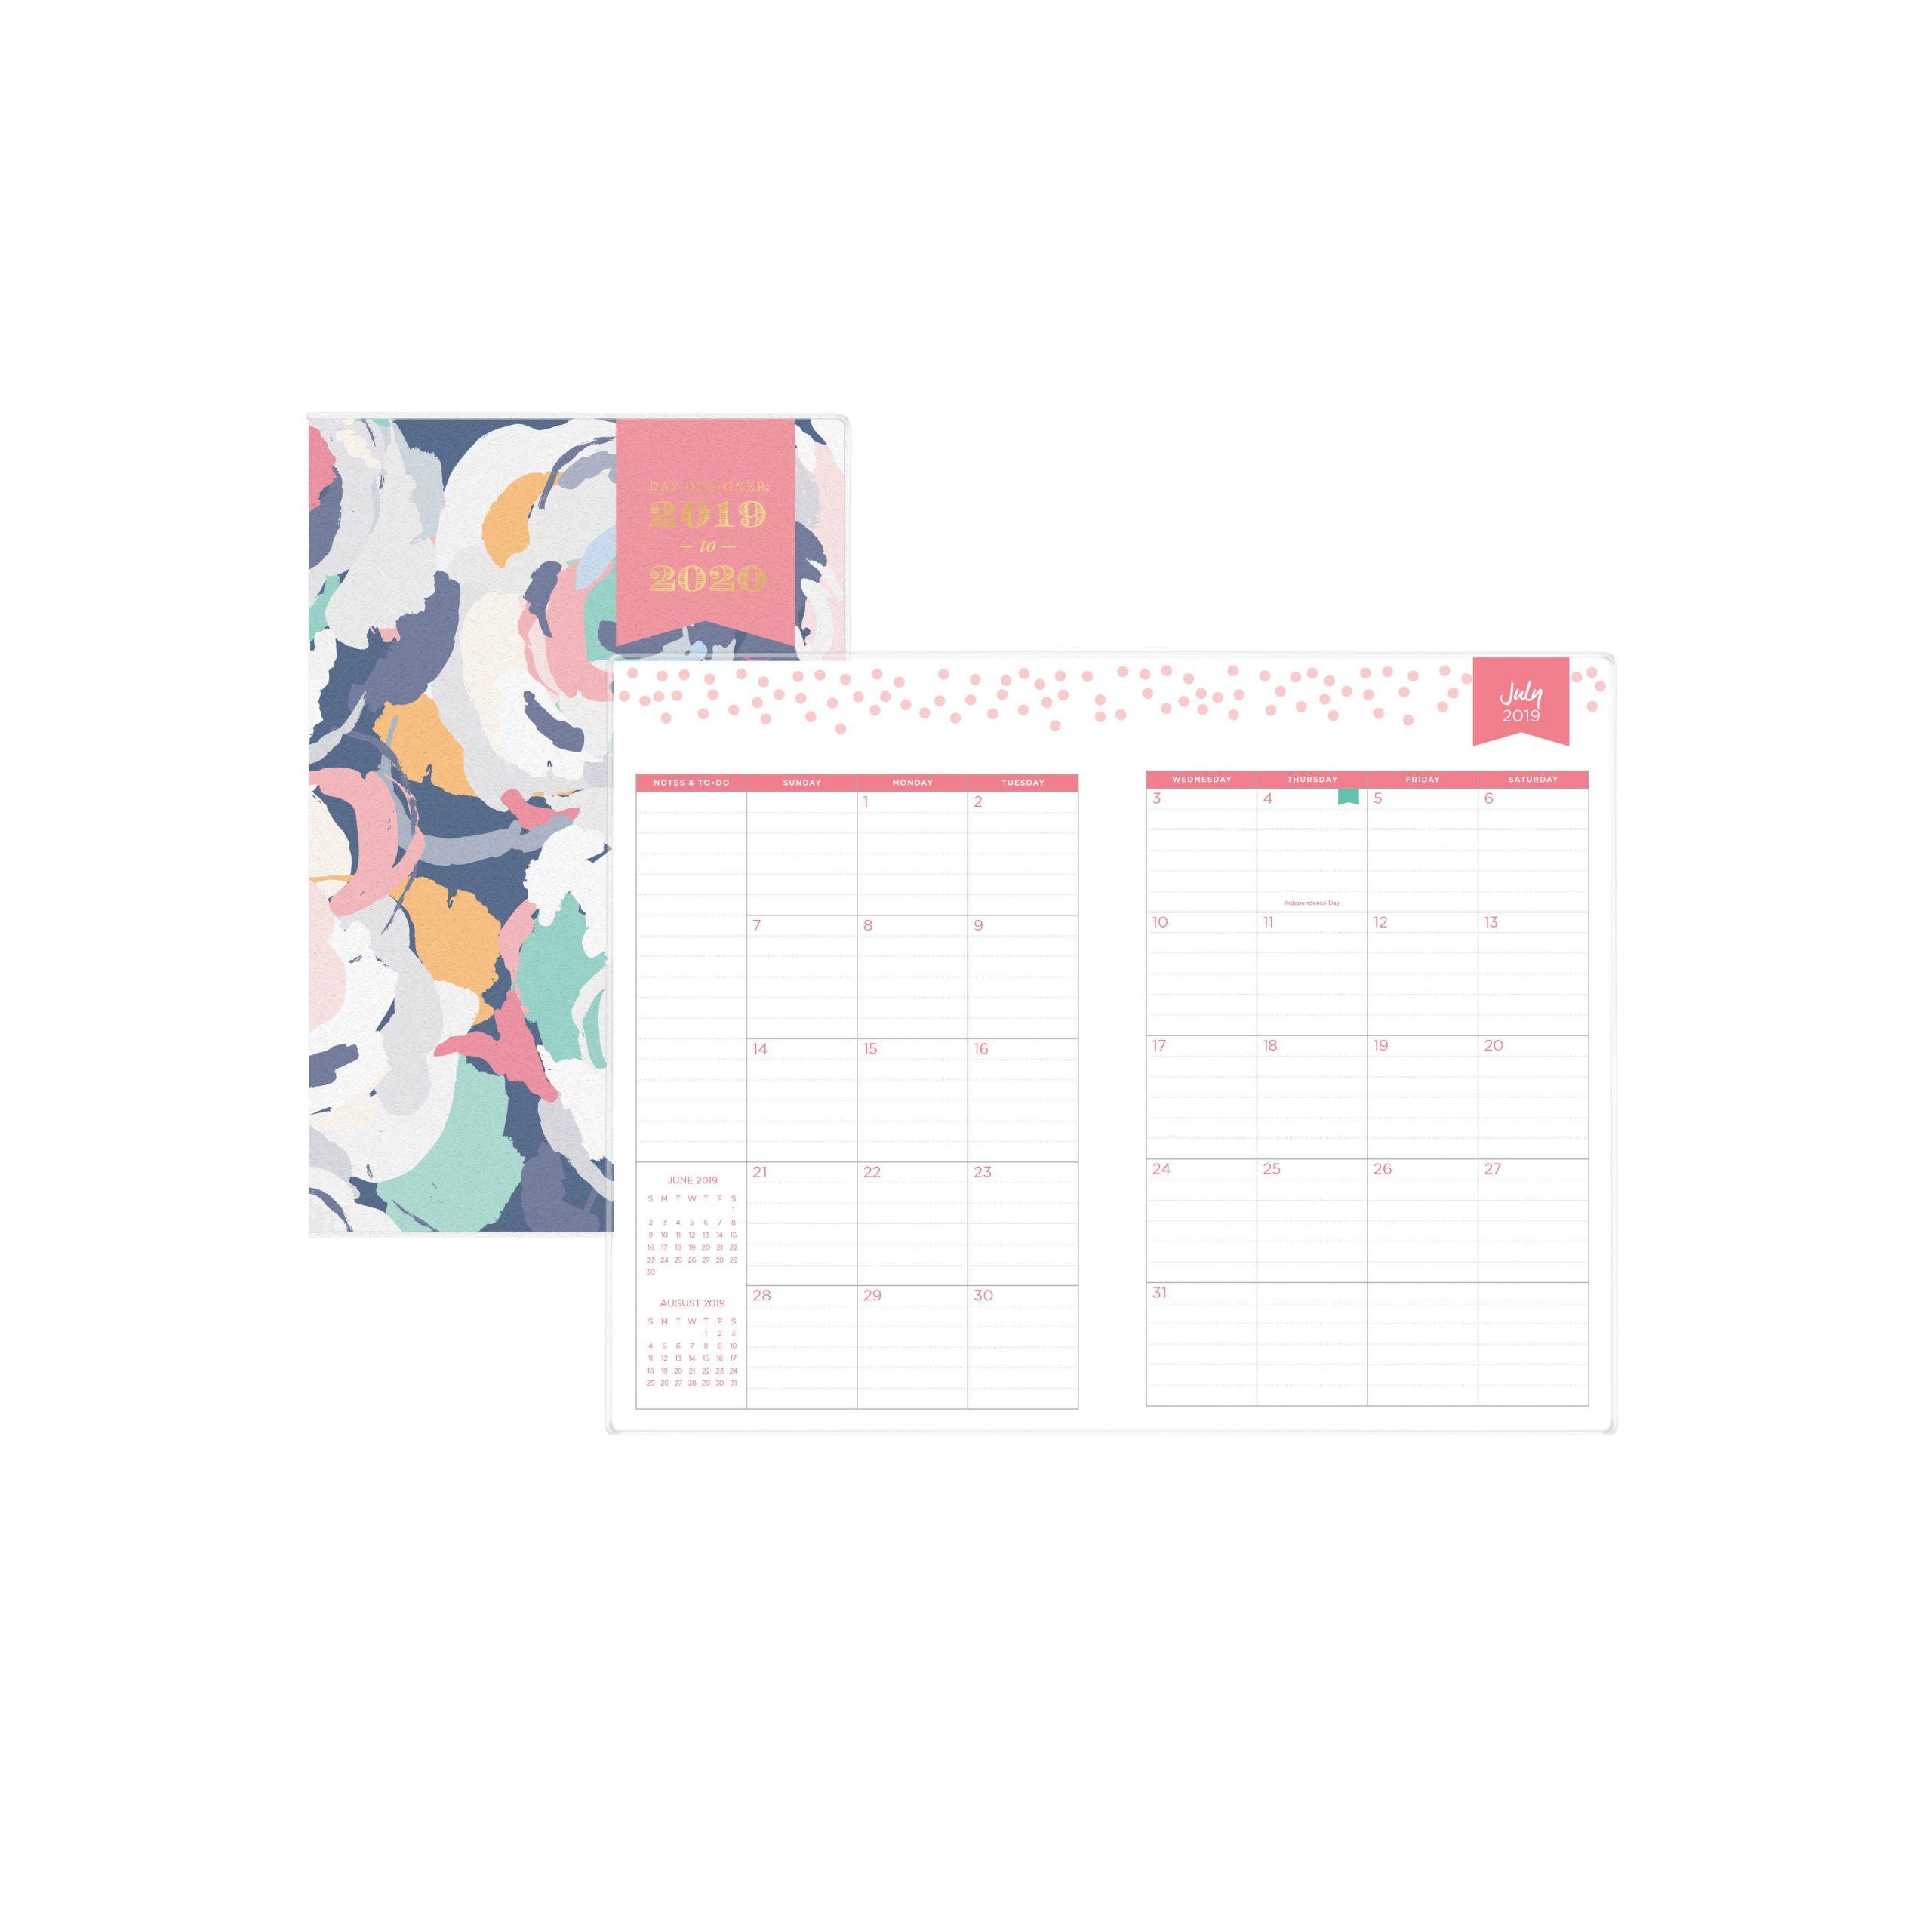 2020 Calendar For 5.5 X 8.5 | Calendar Template Printable Libreoffice 5.5 X 8.5 Calendar